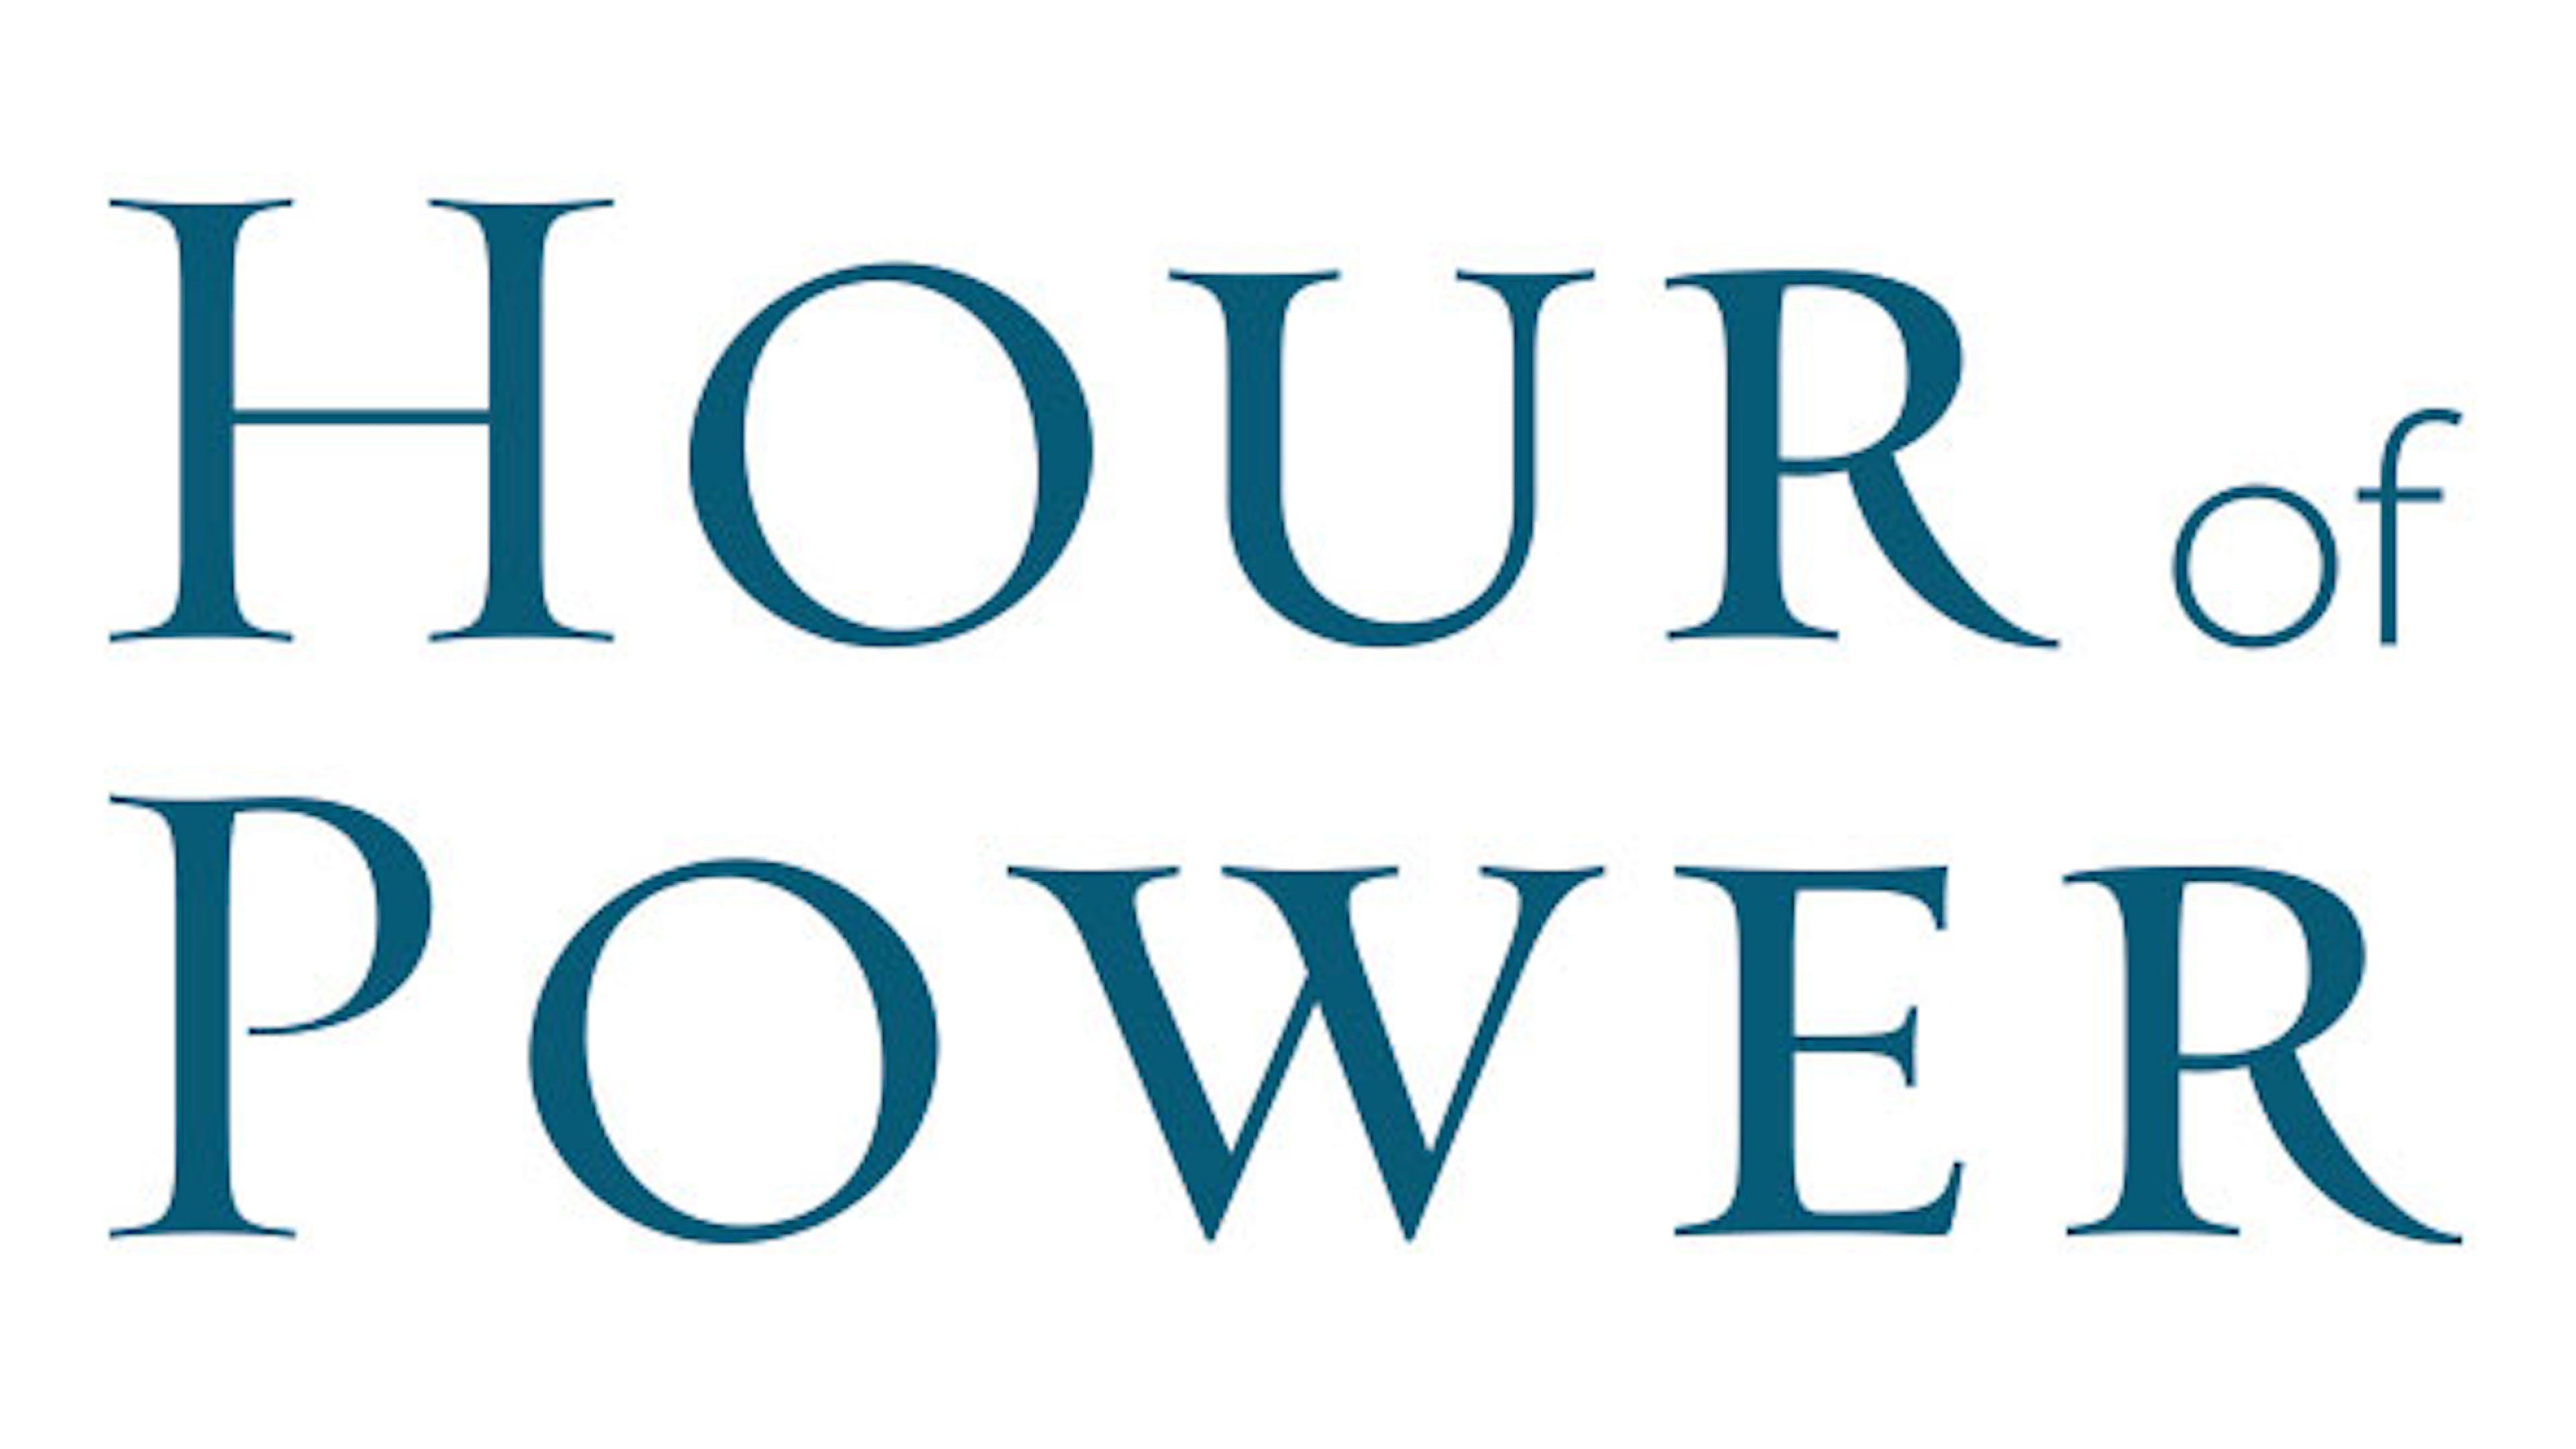 Die Macht der Worte: Weisheit!